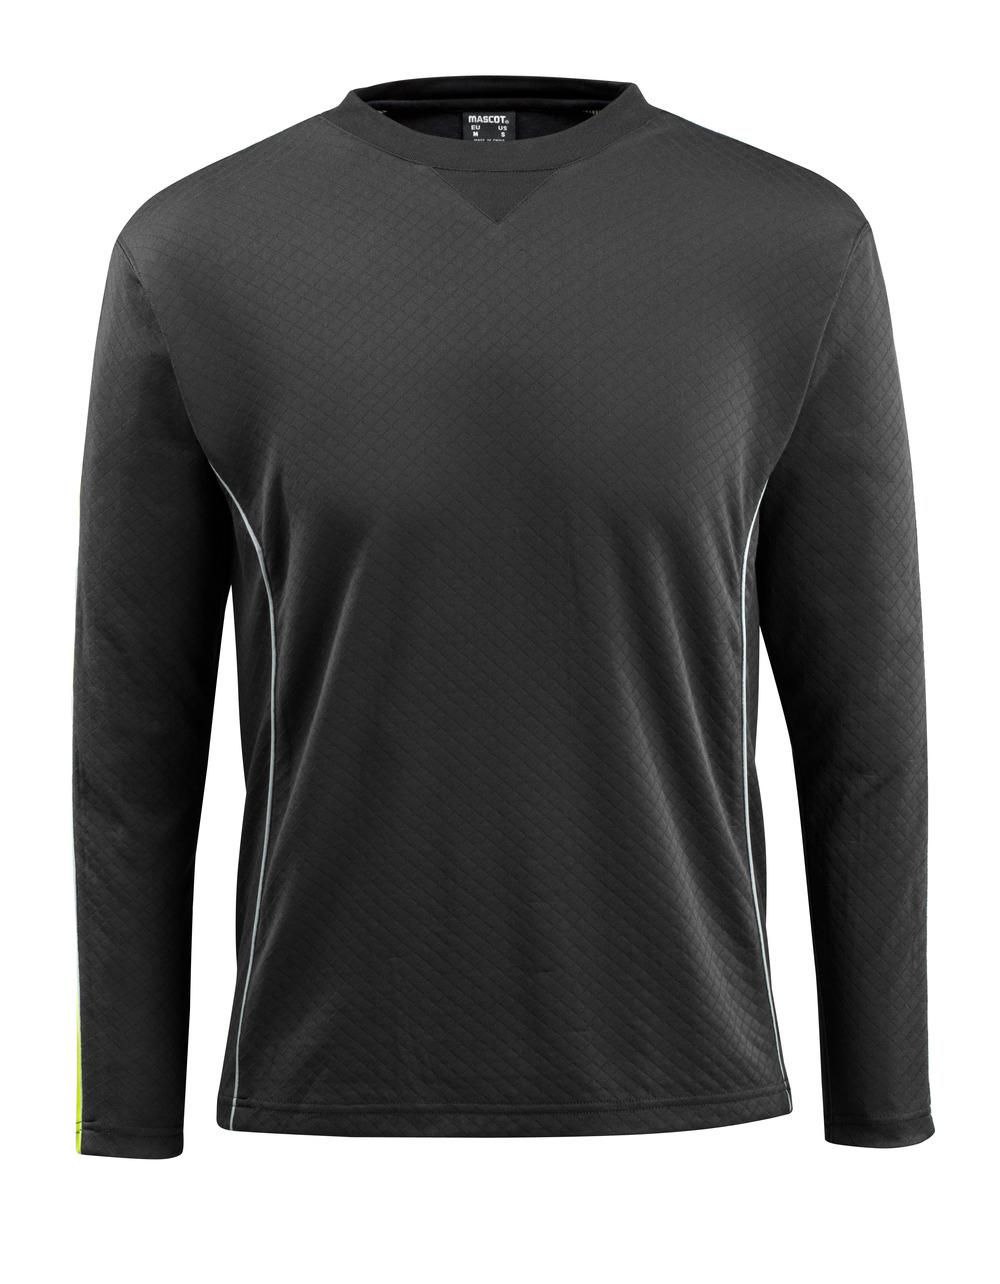 50128-933-0917 T-Shirt, długimi rękawami - czerń/żółty hi-vis